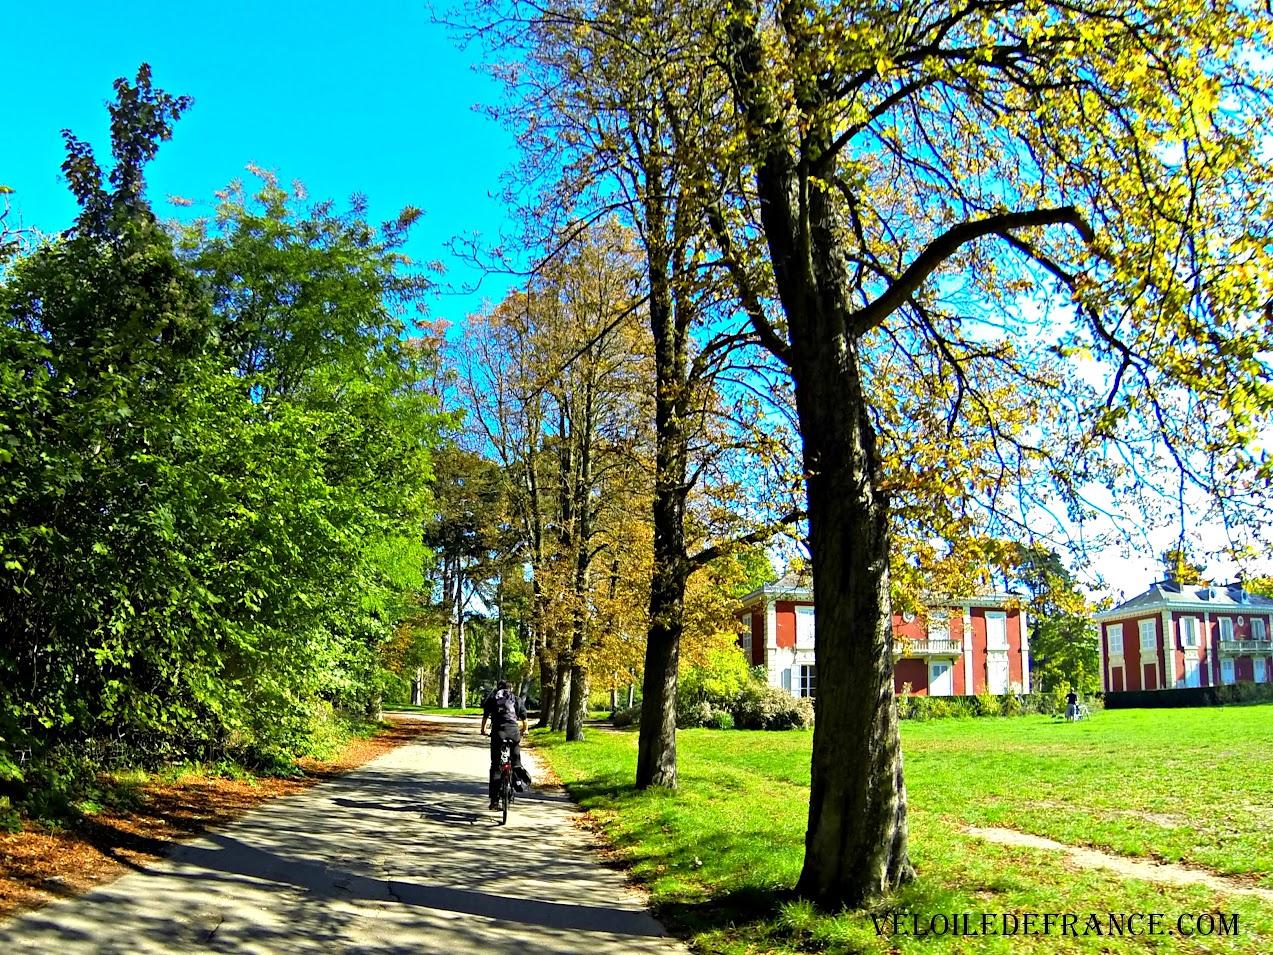 A vélo dans le Bois de Vincennes -e-guide balade à vélo vers les Bords de Marne par veloiledefrance.com